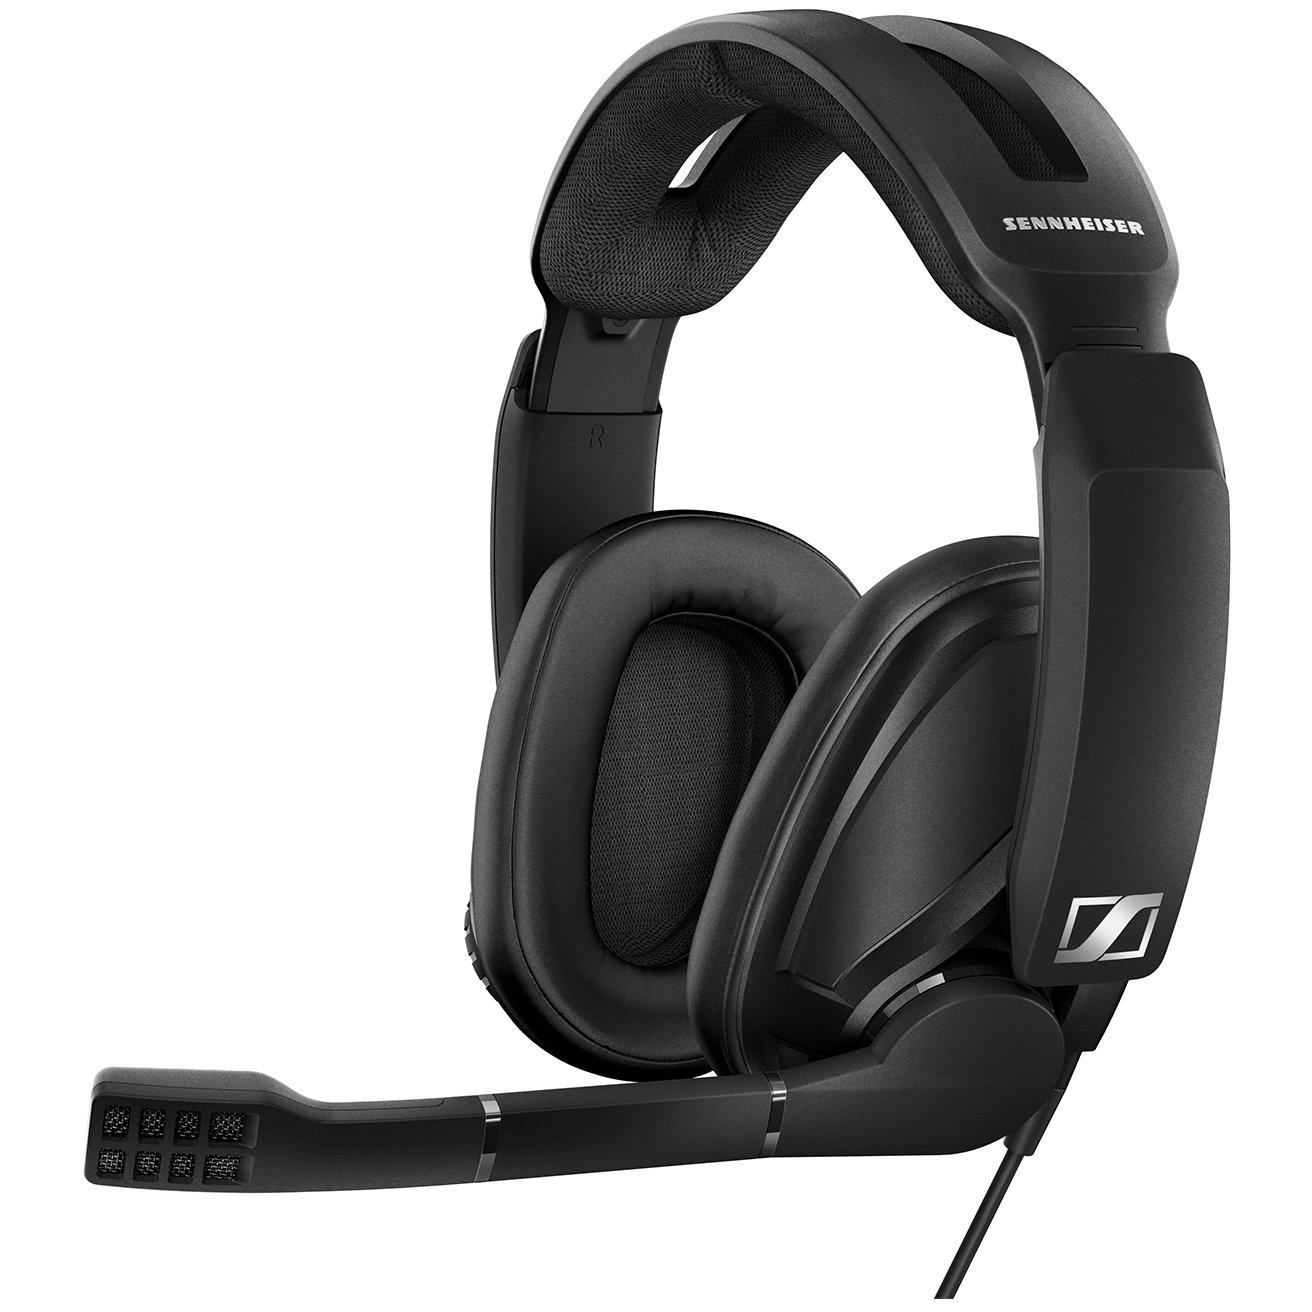 Sennheiser GSP 302 Over-ear gaming headset voor €20,34 @ Amazon.de